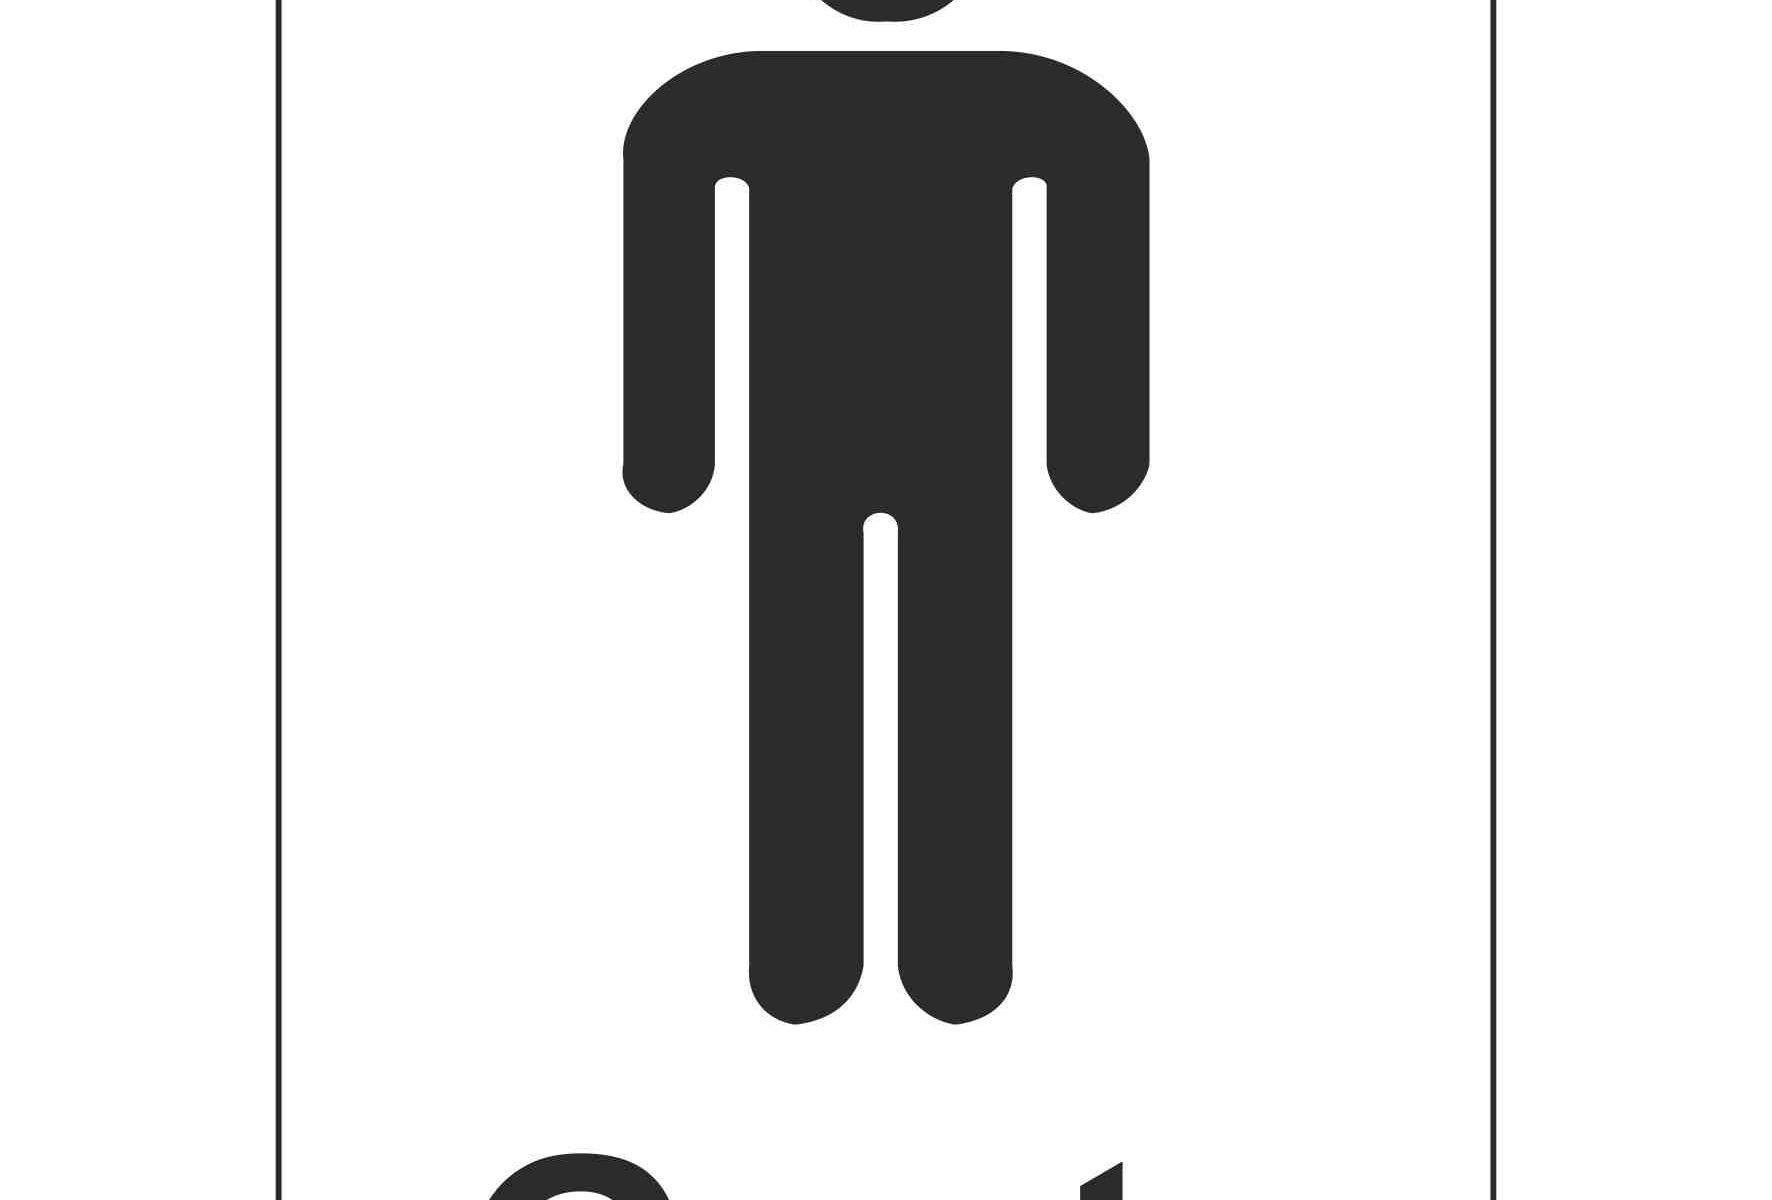 Gents Toilet (Sticker)